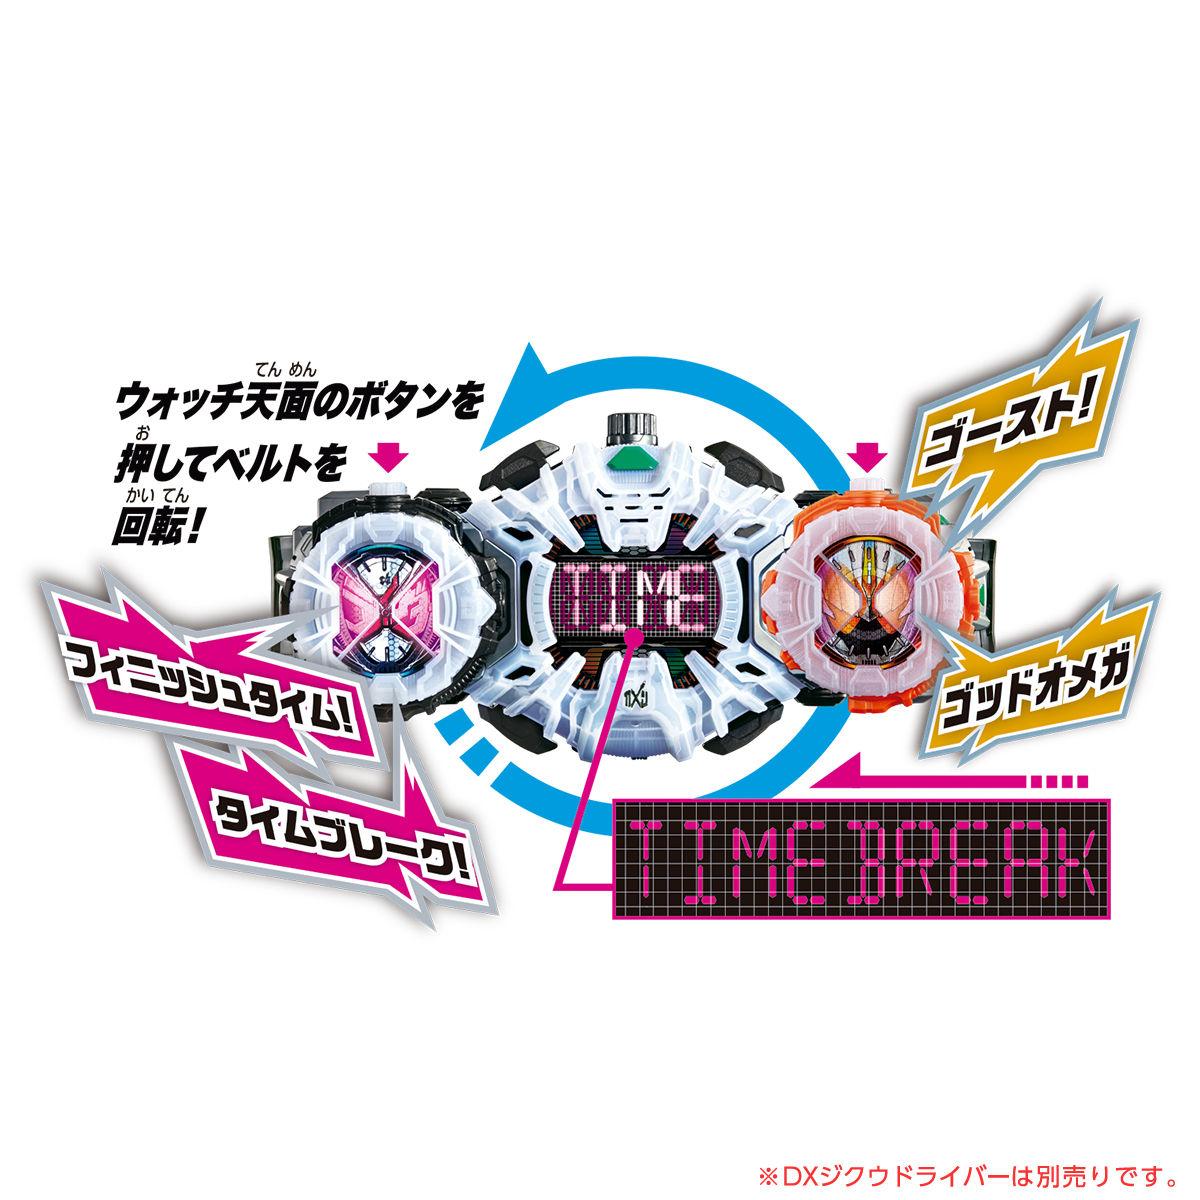 仮面ライダージオウ『DXゴーストムゲン魂ライドウォッチ』変身なりきり-005